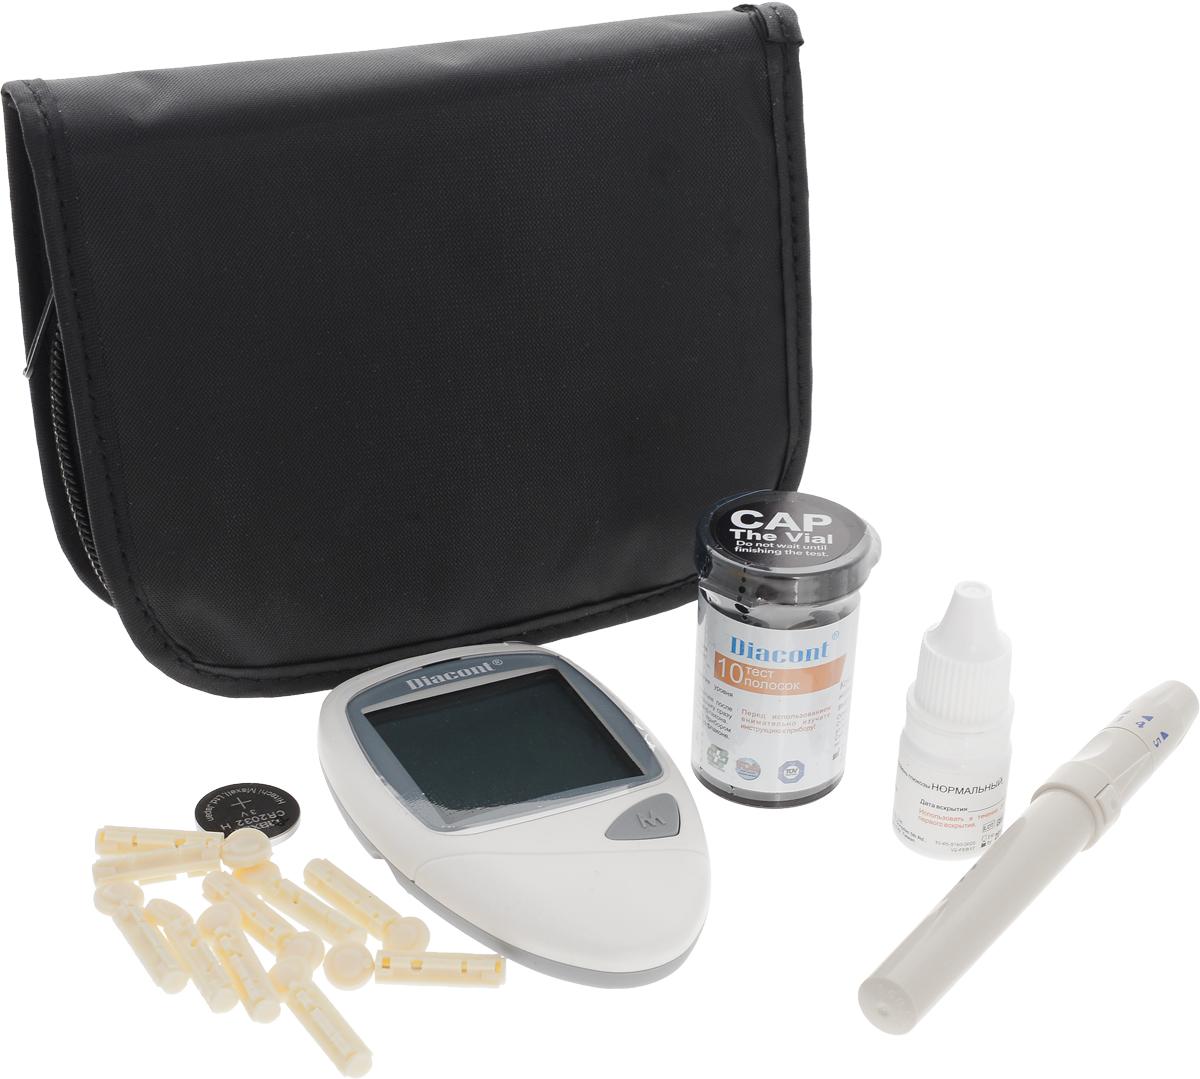 Система контроля уровня глюкозы в крови Diacont2598Система контроля уровня глюкозы в крови Diacont. Высокоточный глюкометр с большим экраном, функцией предупреждения о гипогликемии и гипергликемии, портом передачи данных на ПК и системой измерения без кодирования тест-полосок. Измерение происходит всего за 6 секунд, при этом для анализа требуется только 0,7 мкл крови. Глюкометр Diacont хранит в памяти 250 измерений, рассчитывает среднее значение за 7, 14, 21 и 28 дней, включается и выключается автоматически. Поставляется в комплекте с тест-полосками, ланцетами, устройством для получения капли крови, автоматическим скарификатором с приспособлением для взятия крови из альтернативных мест, контрольным раствором и футляром для хранения.Комплектация: глюкометр, 10-тест-полосок Diacont, 10 стерильных ланцетов, устройство для получения капли крови, автоматический скарификатор с приспособлением для взятия крови из альтернативных мест (ладонь, голень, предплечье, бедро), контрольный раствор, футляр, батарейка CR2032. Характеристики:Материал: пластик, металл, текстиль. Размер измерителя: 9,9 см х 6,2 см х 2 см.Размер упаковки: 16 см х 14 см х 5 см. Уважаемые клиенты! Обращаем ваше внимание на возможные изменения в дизайне упаковки. Качественные характеристики товара остаются неизменными. Поставка осуществляется в зависимости от наличия на складе.